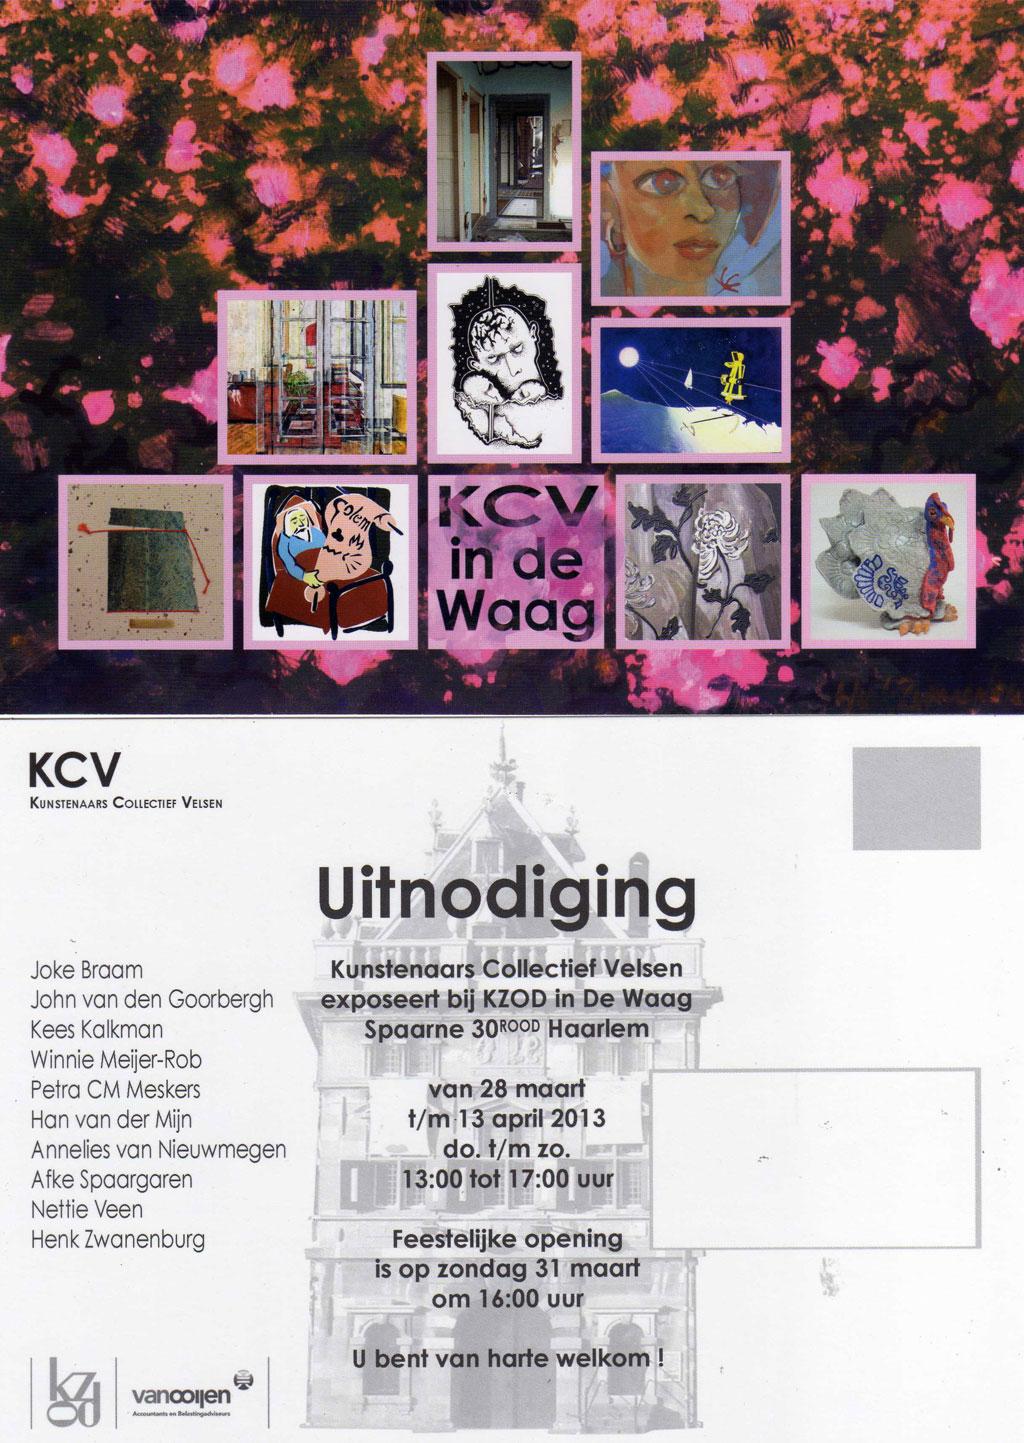 Expositie KCV, Kunstenaars Collectief Velsen in De Waag